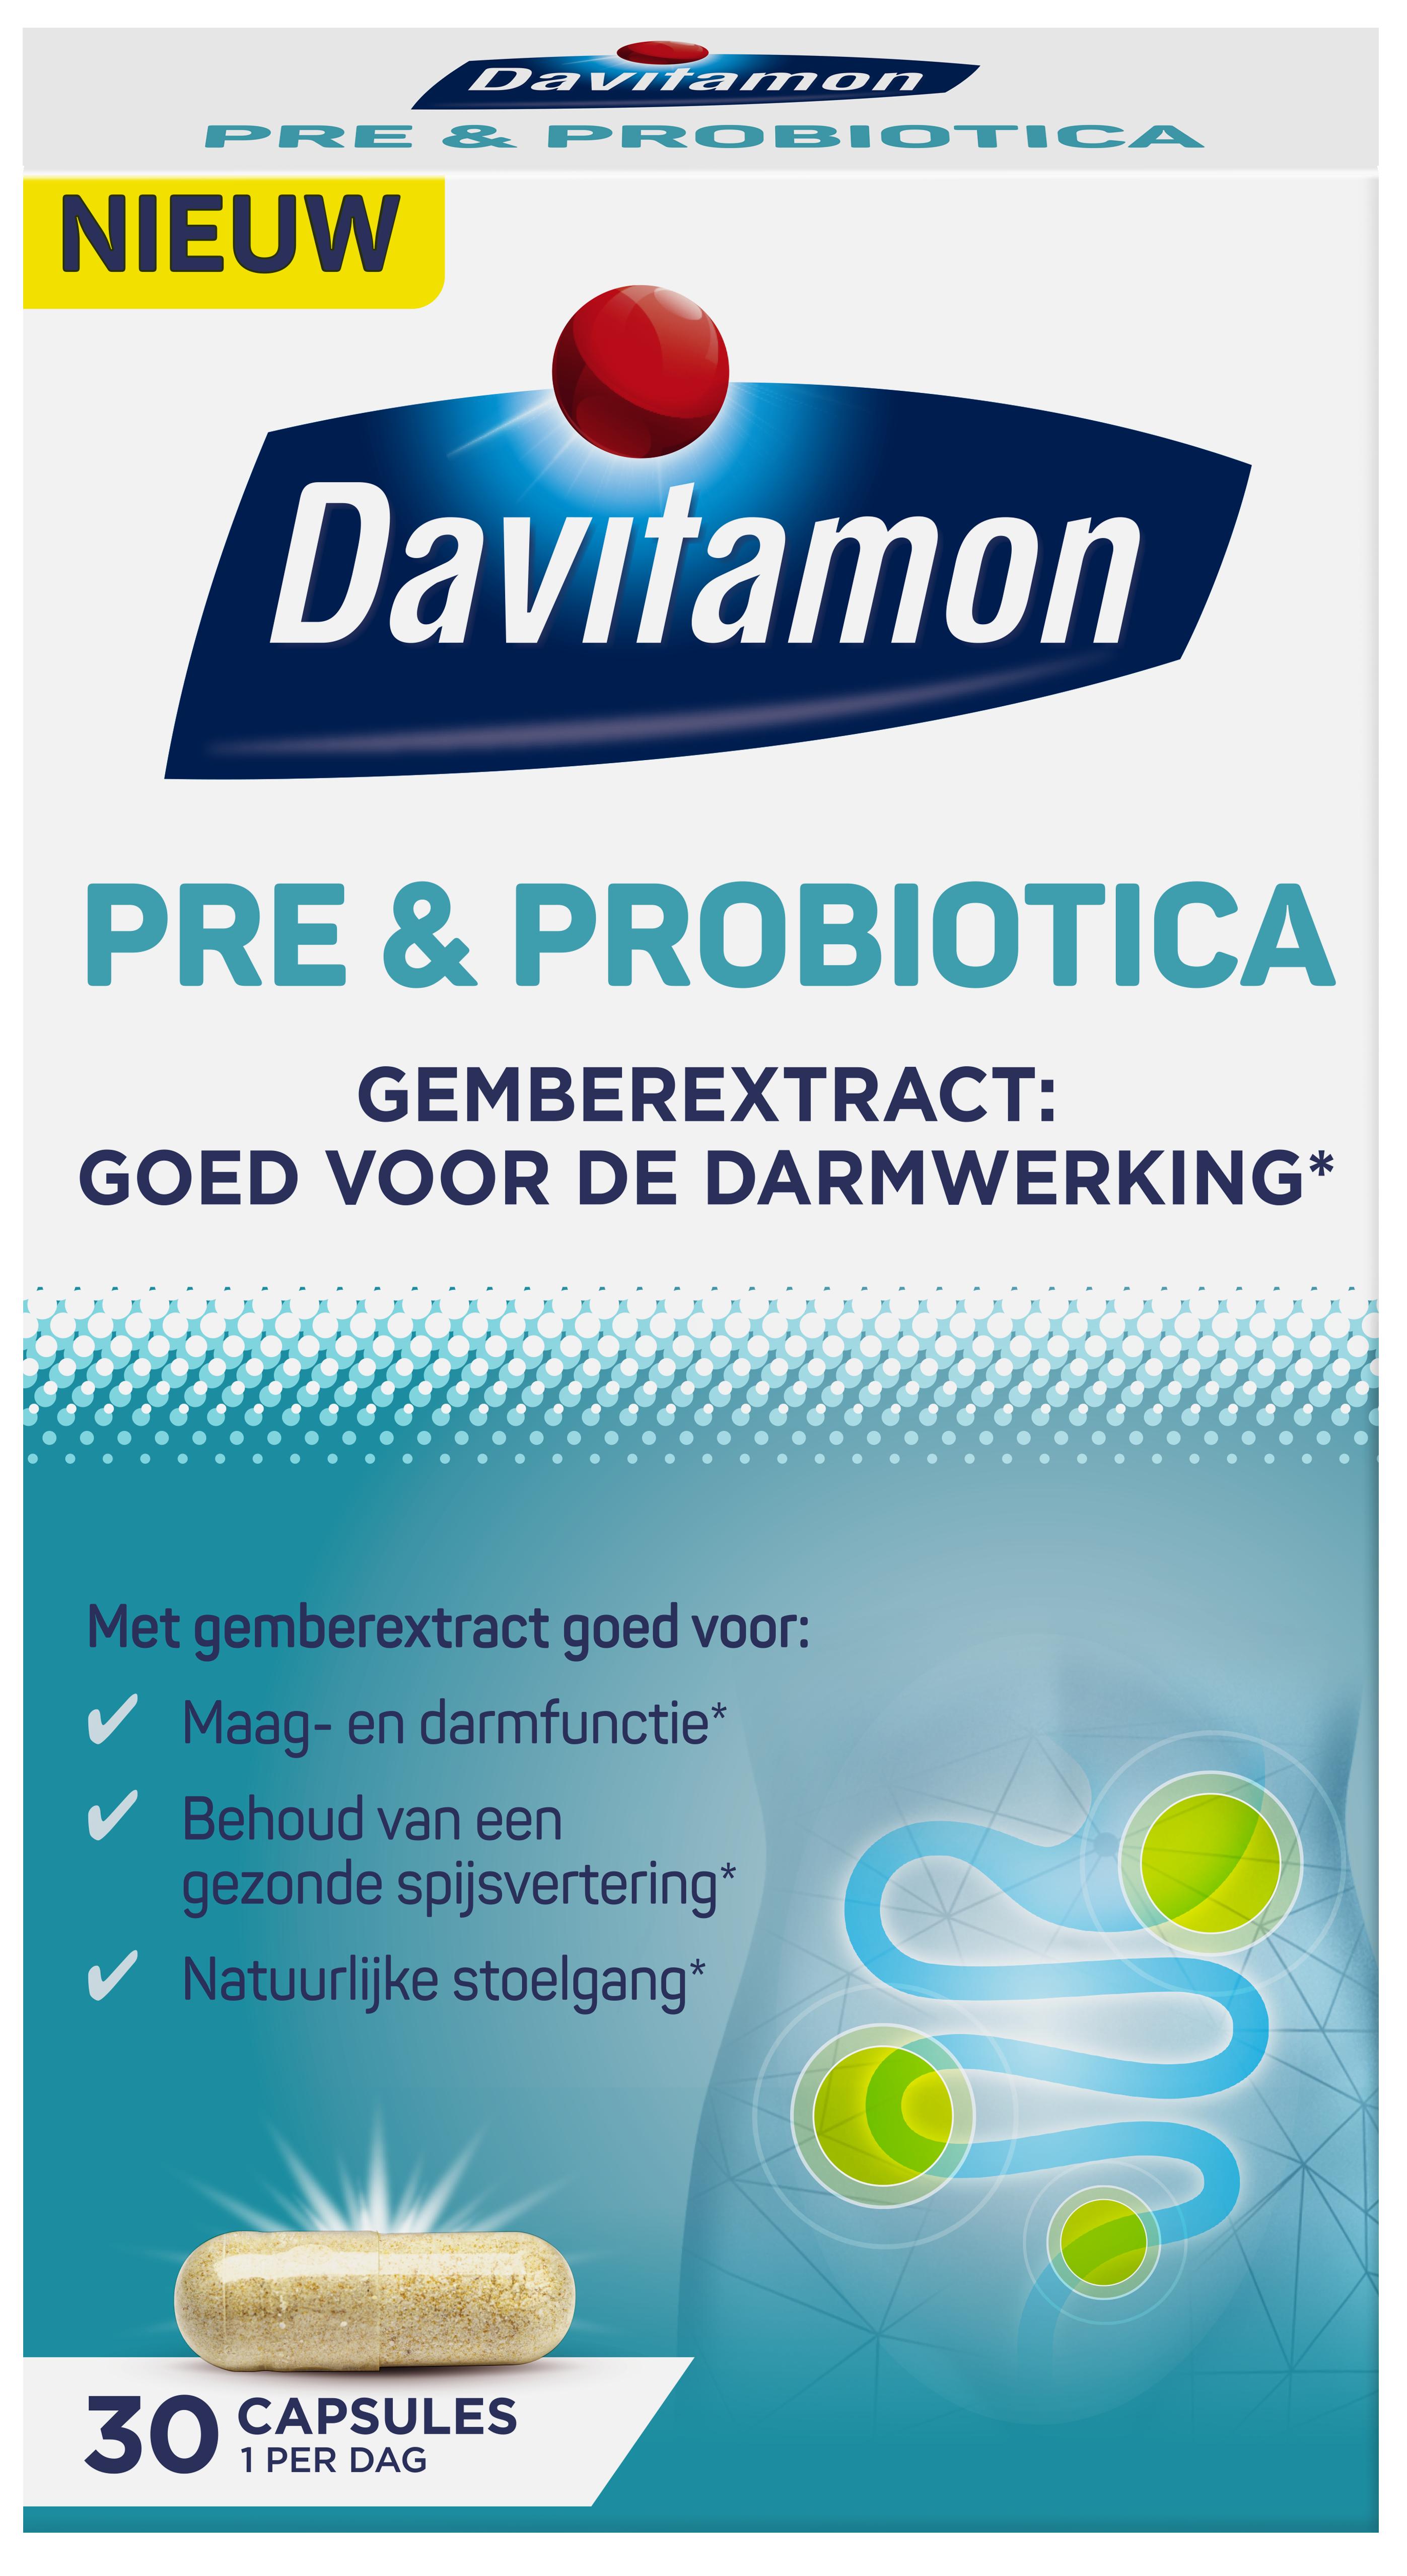 Davitamon Pre & Probiotica met gemberextract